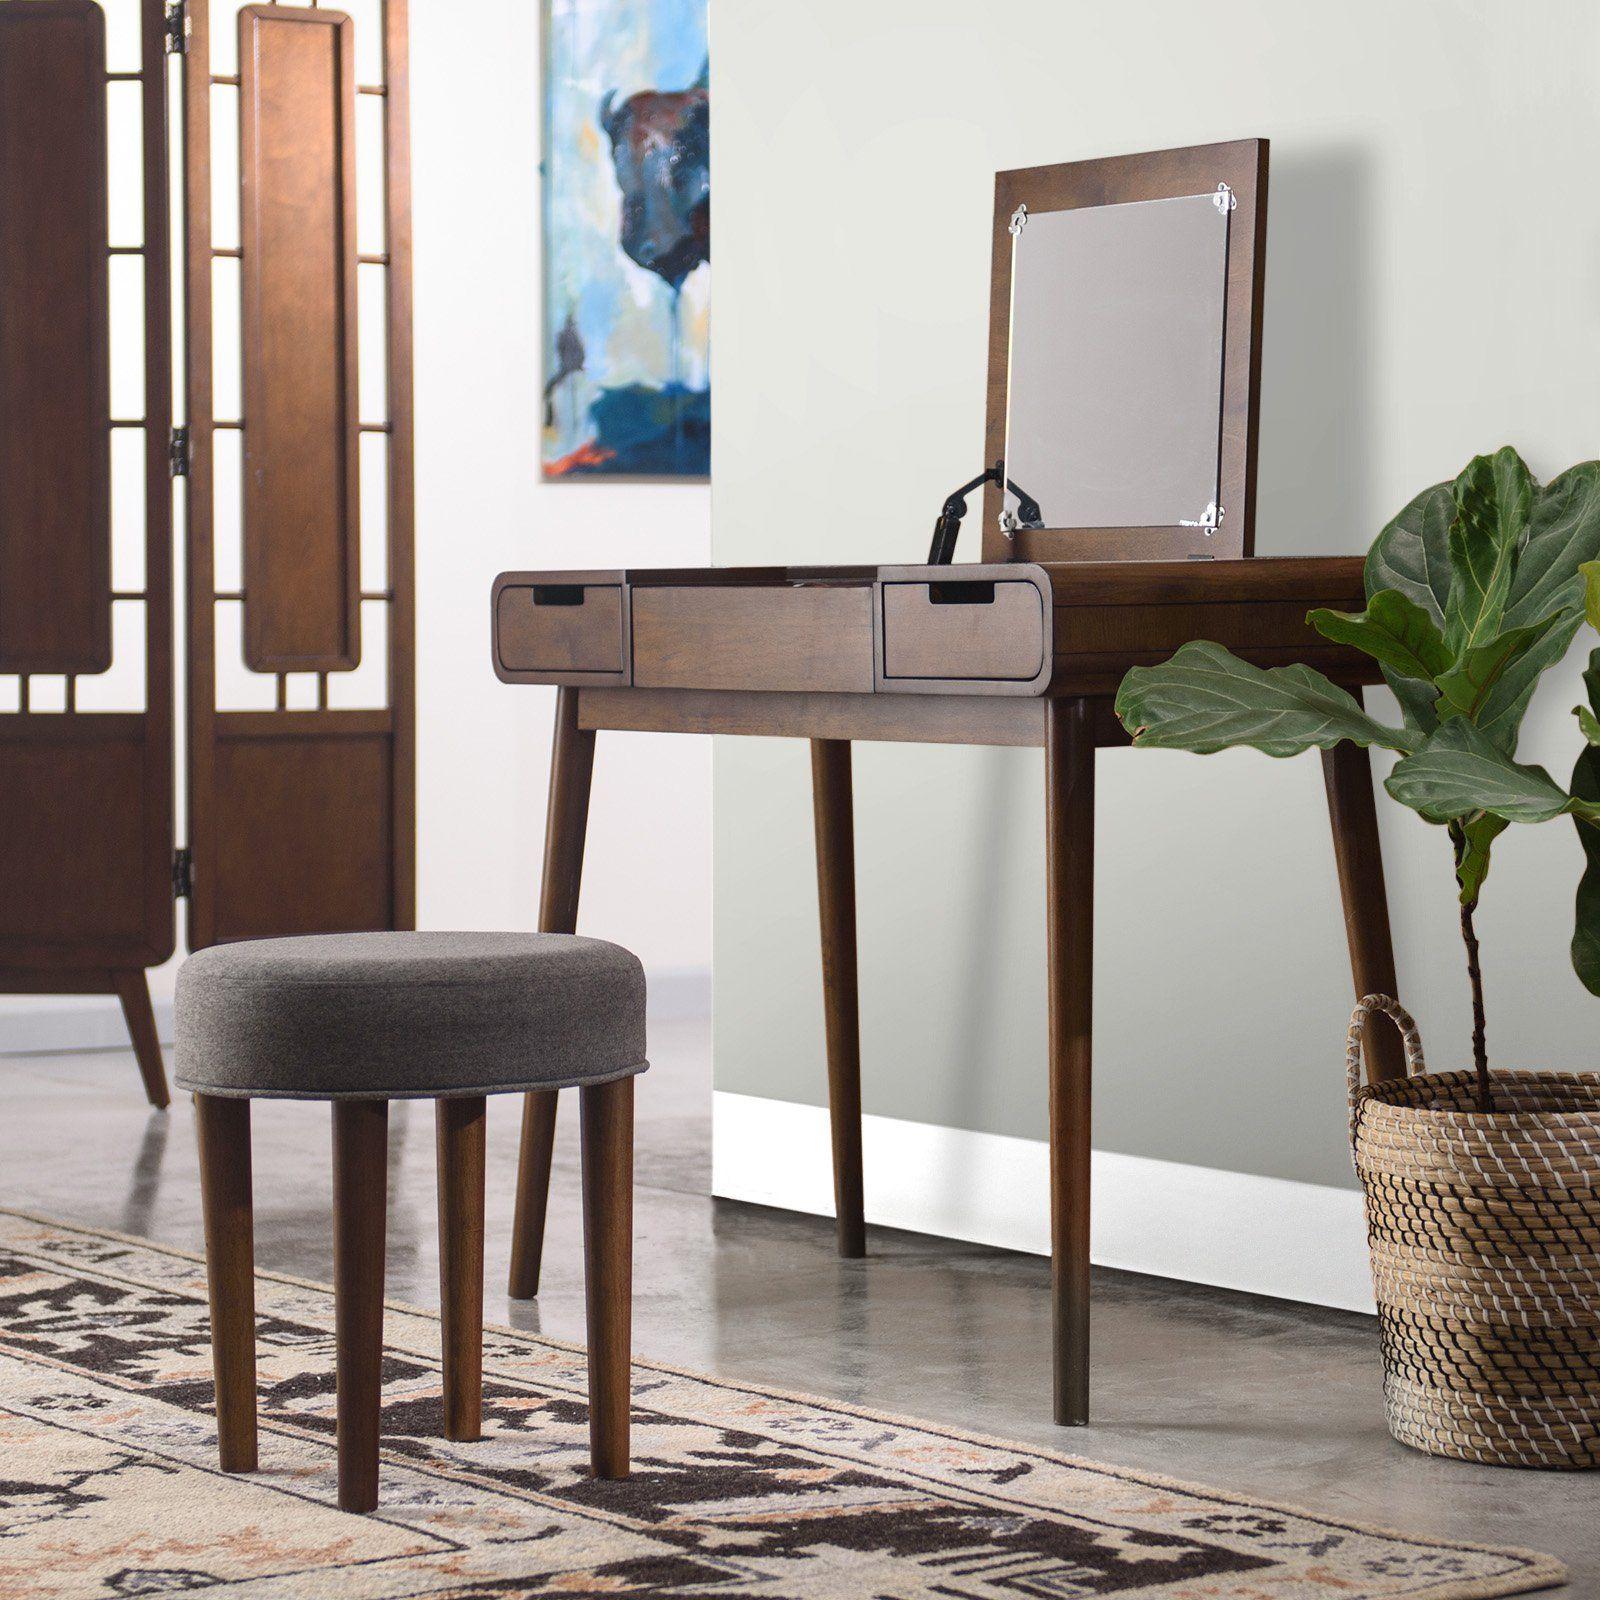 Https Content Haycdn Com Mgen Master Lhd1783 Jpg Mid Century Modern Vanity Modern Vanity Decor Interior Design